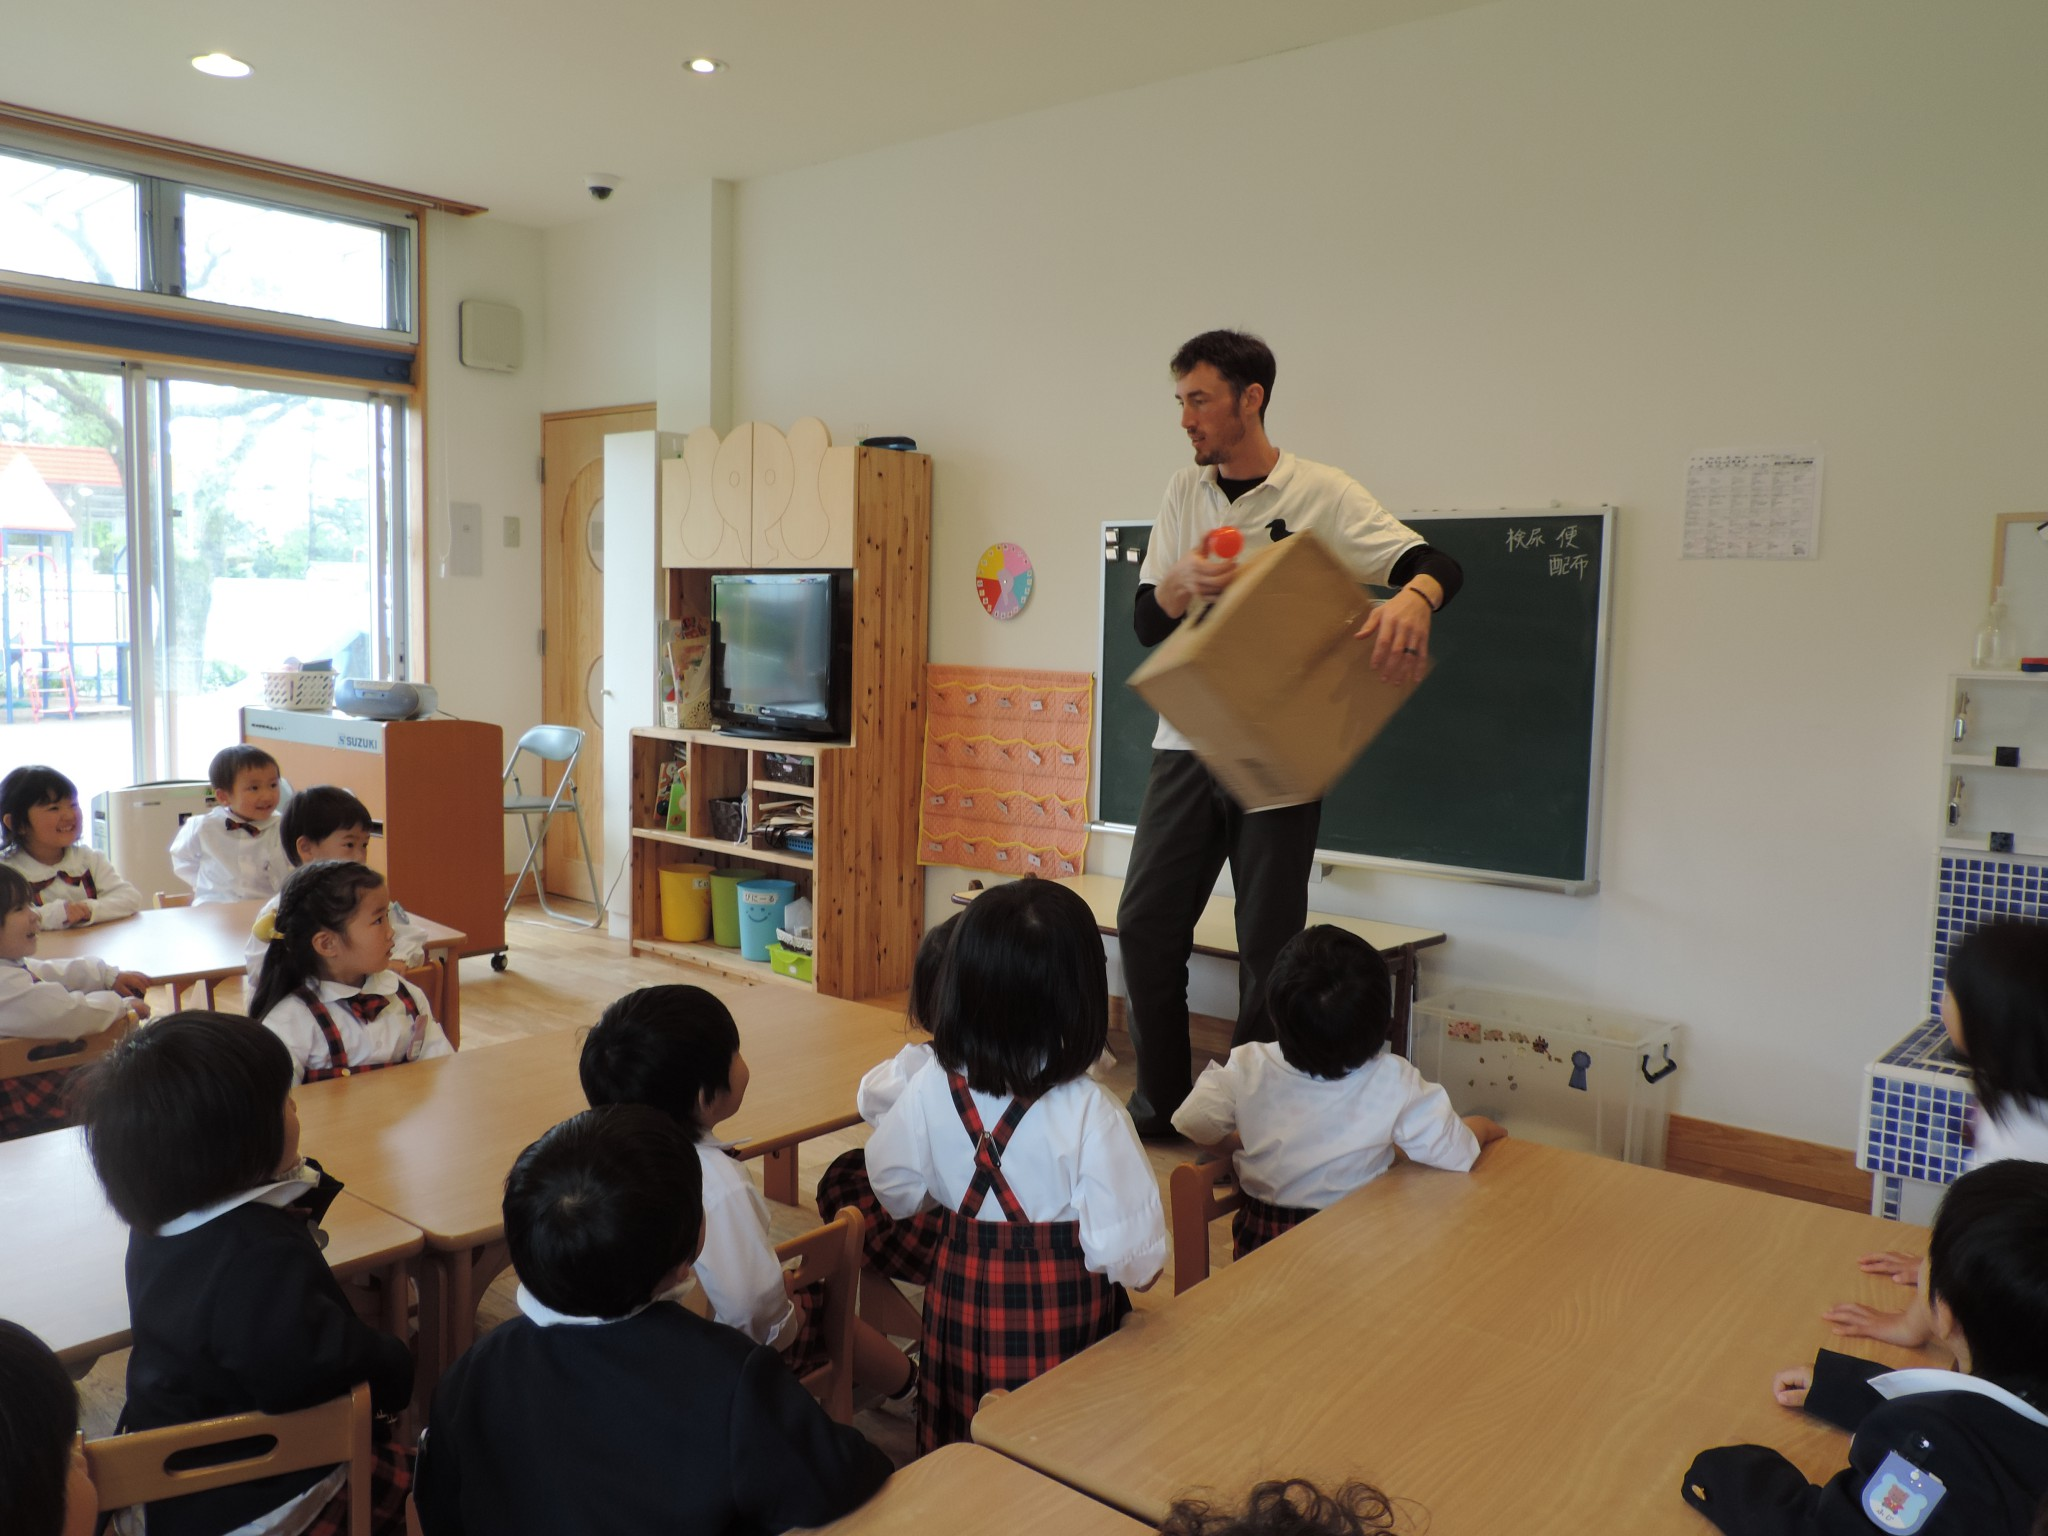 英語で遊ぼう! | 鹿児島県志布志にある幼稚園 しぶし幼稚園